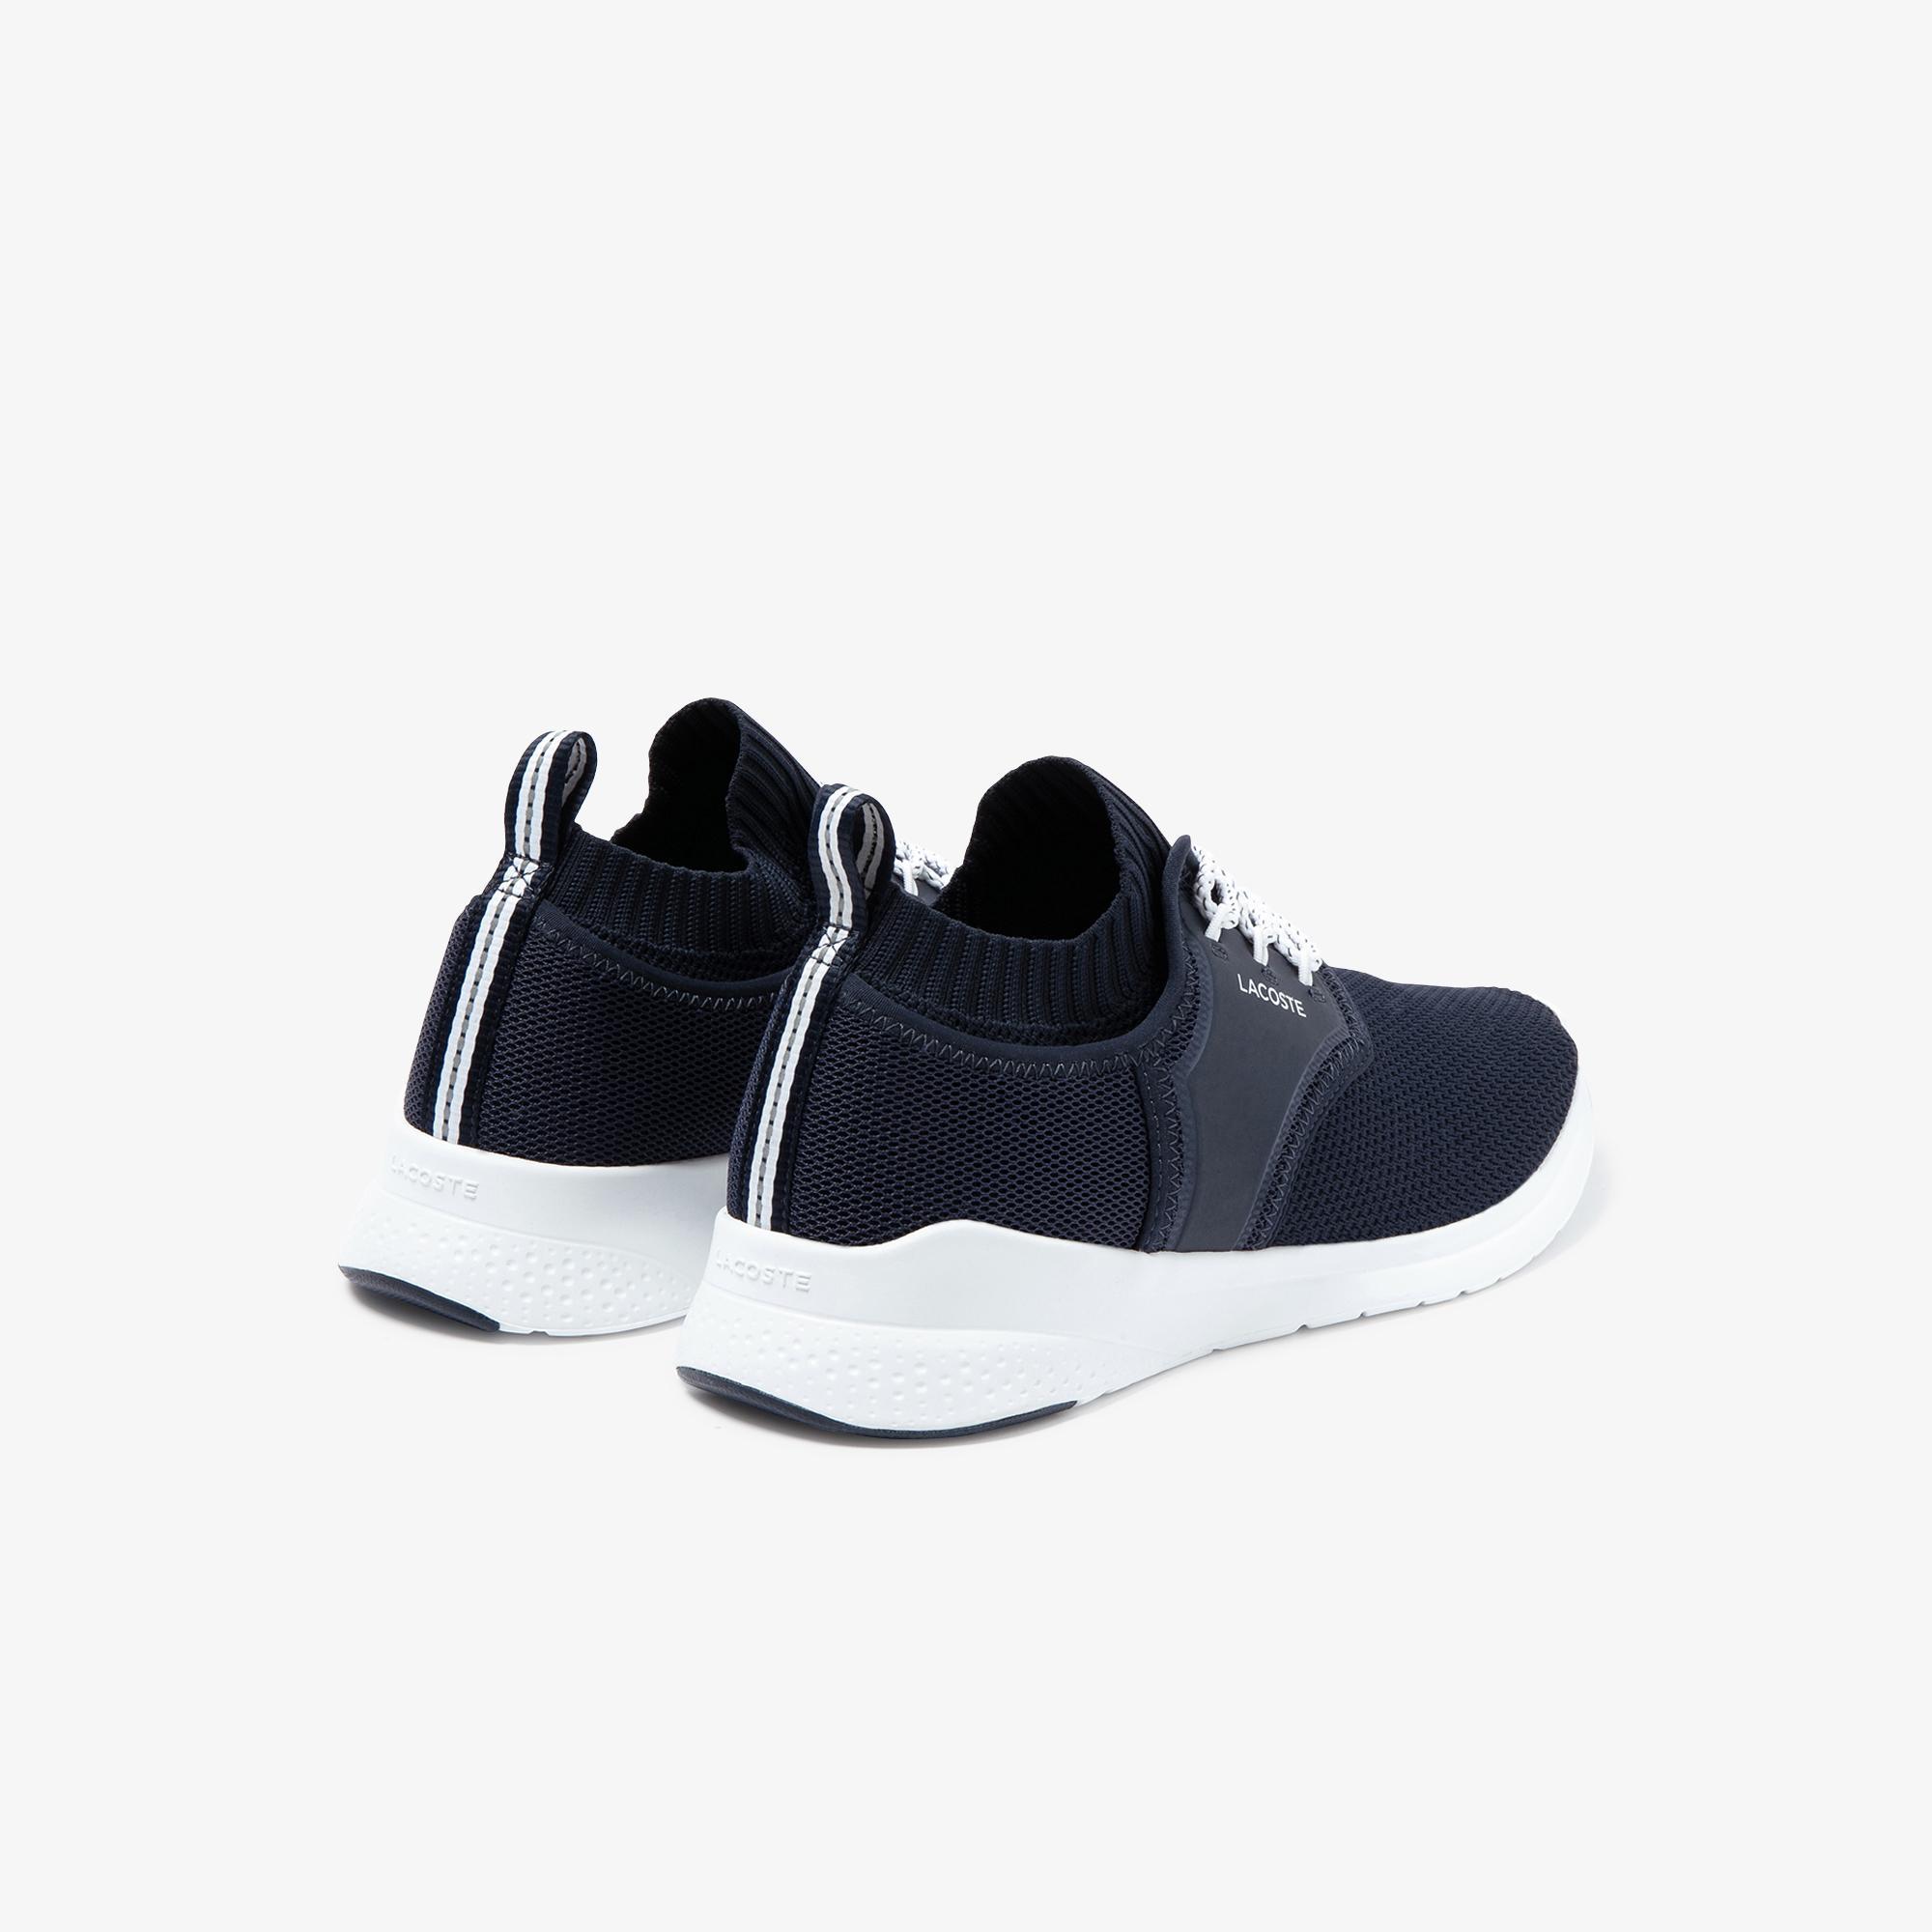 Lacoste LT Sense 120 1 Męskie Sneakersy